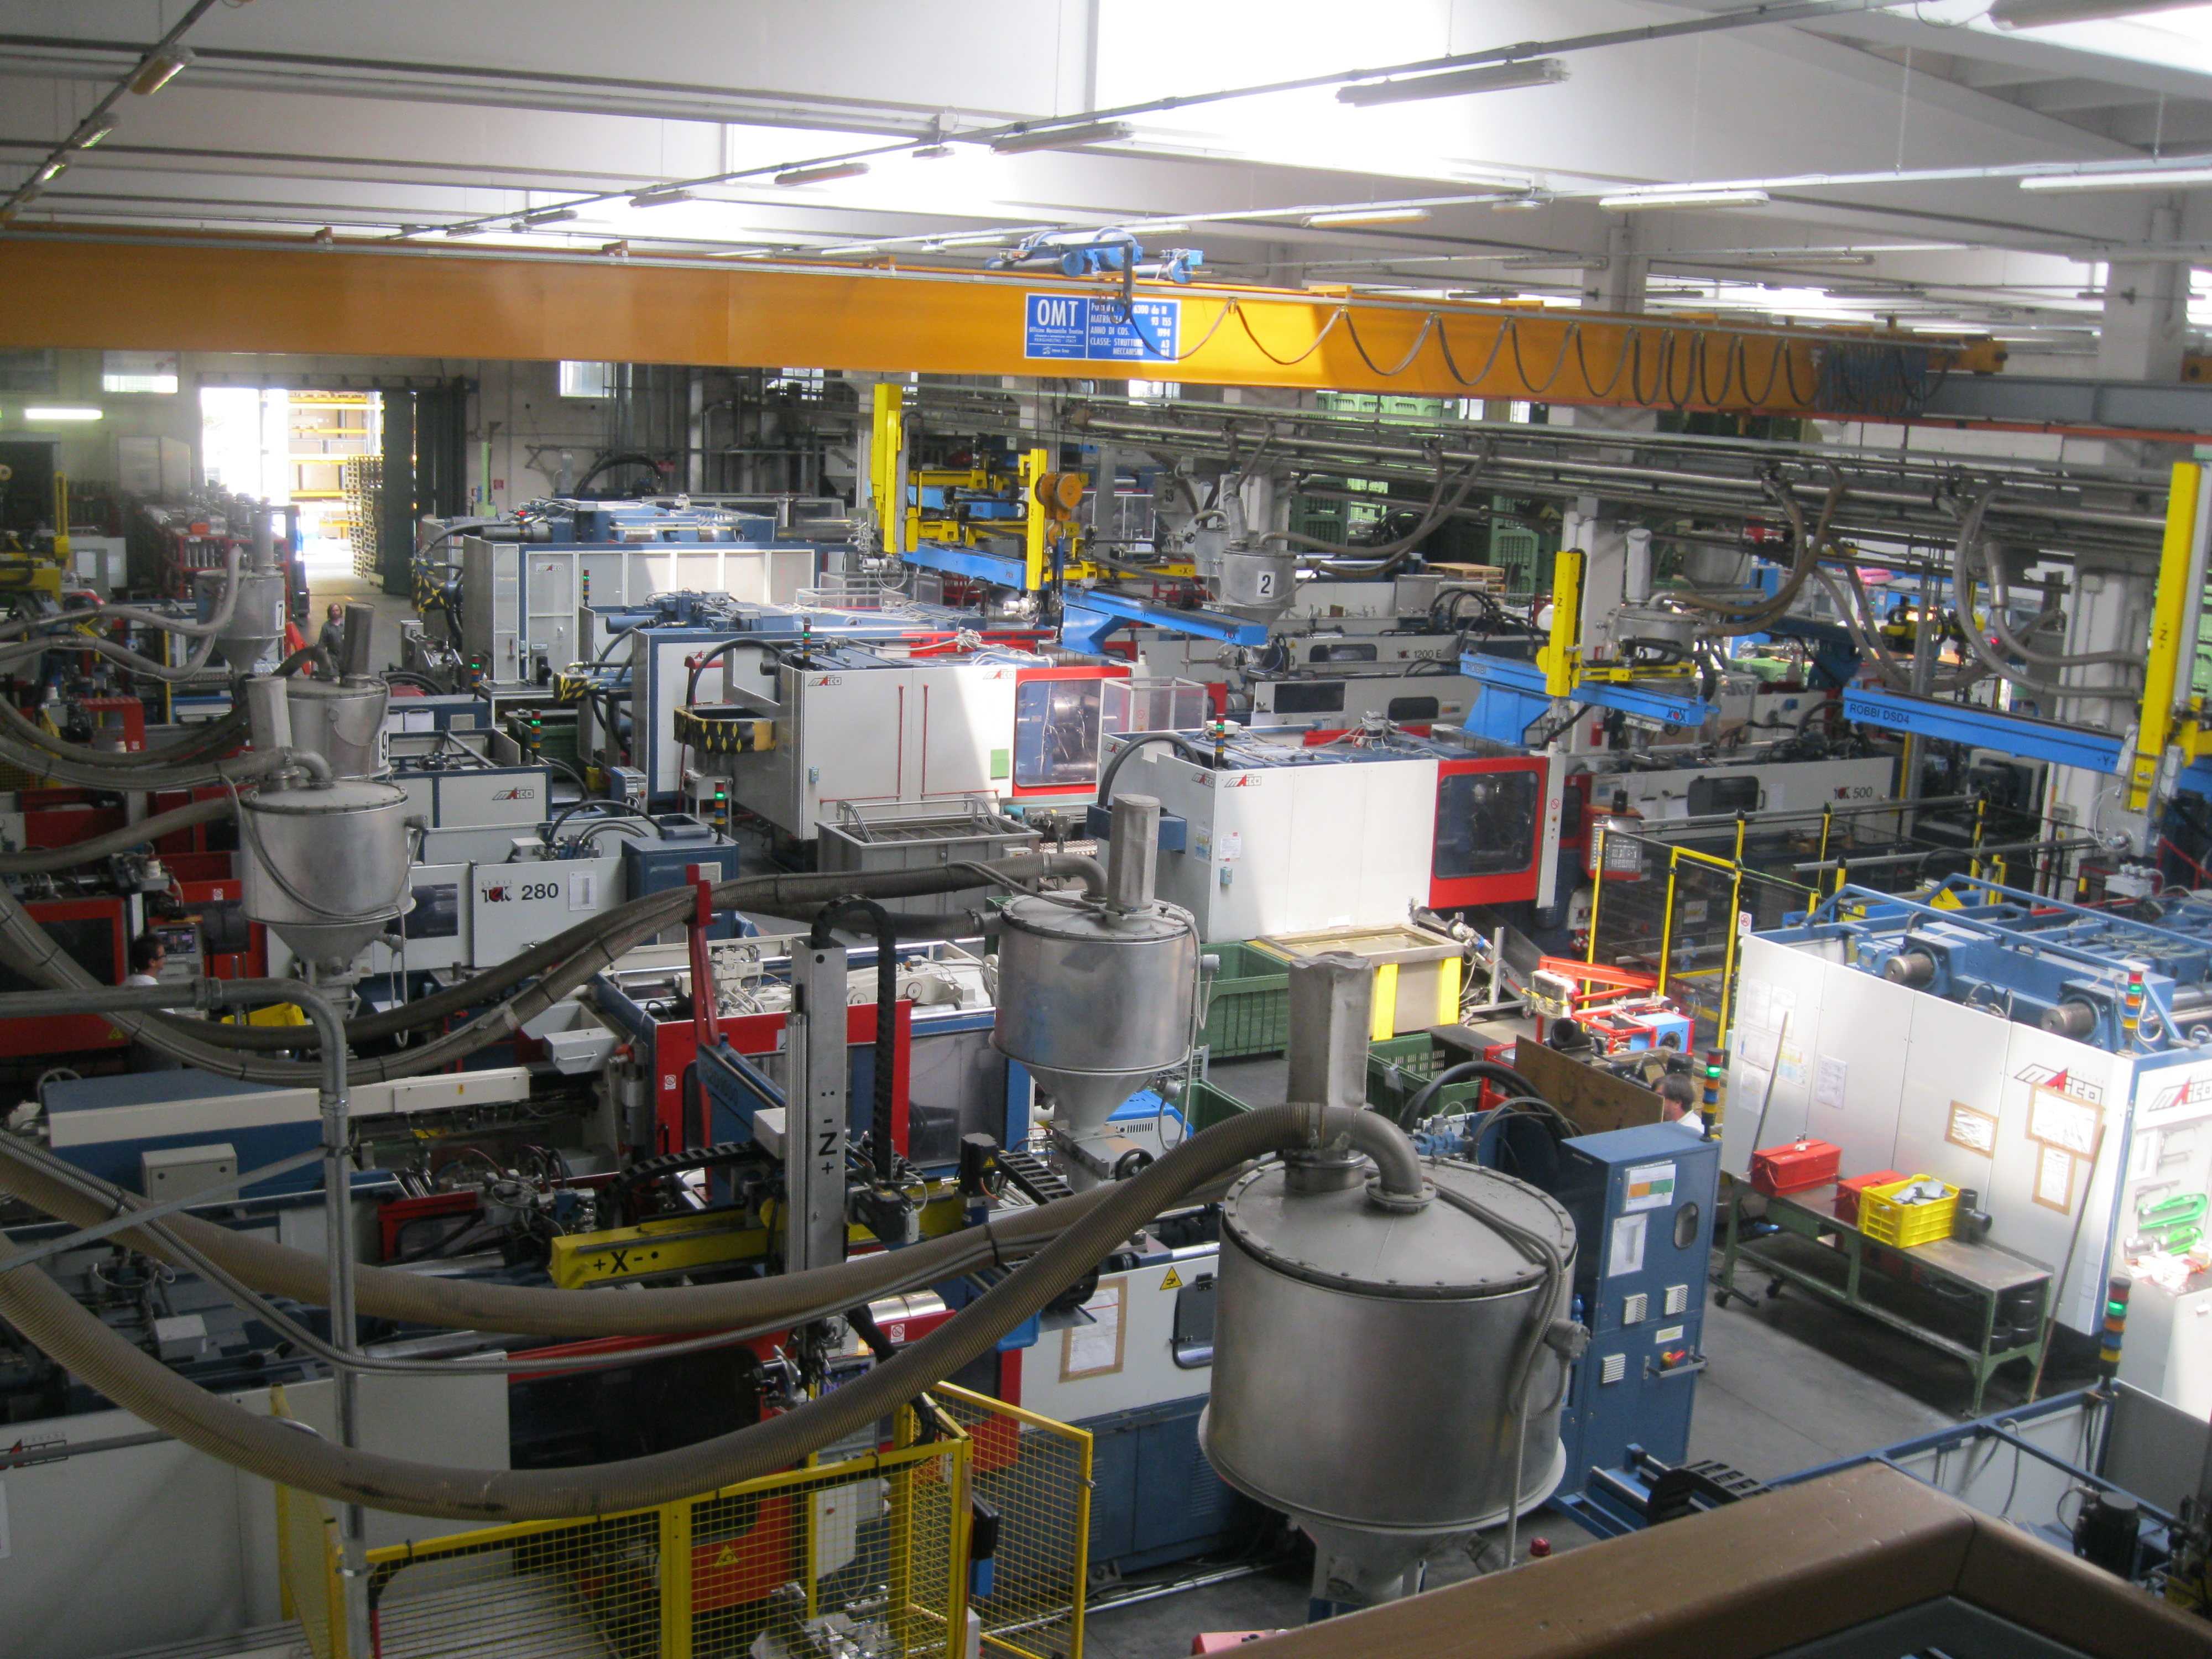 Nadzor tvornice PE spojnica Italija-proizvodni pogon-ispitivanje 6-2013-4